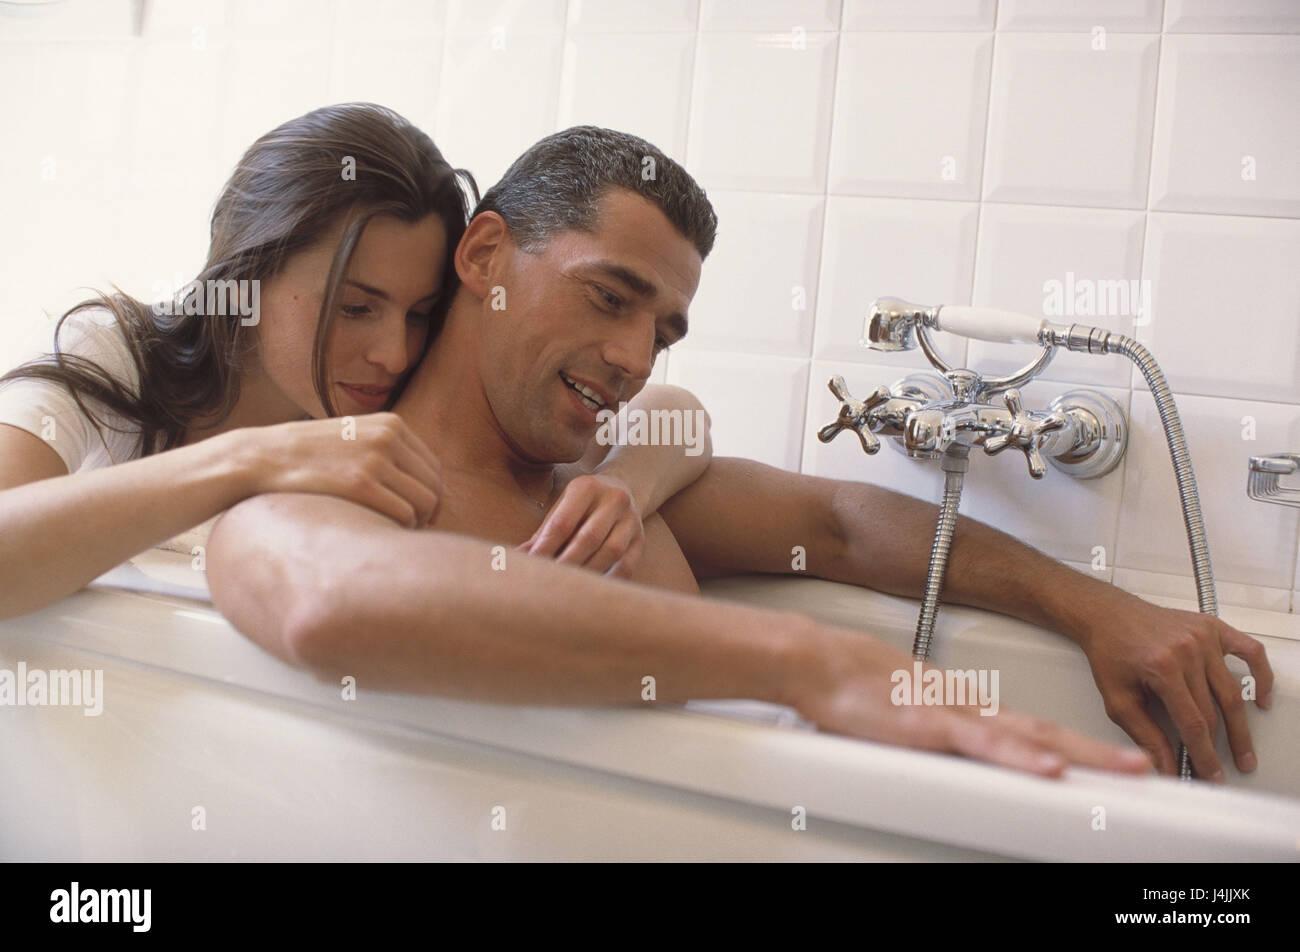 Amore In Vasca Da Bagno.Giovane Bagno Abbraccio Carezza Take It Easy Bagno Amanti Di